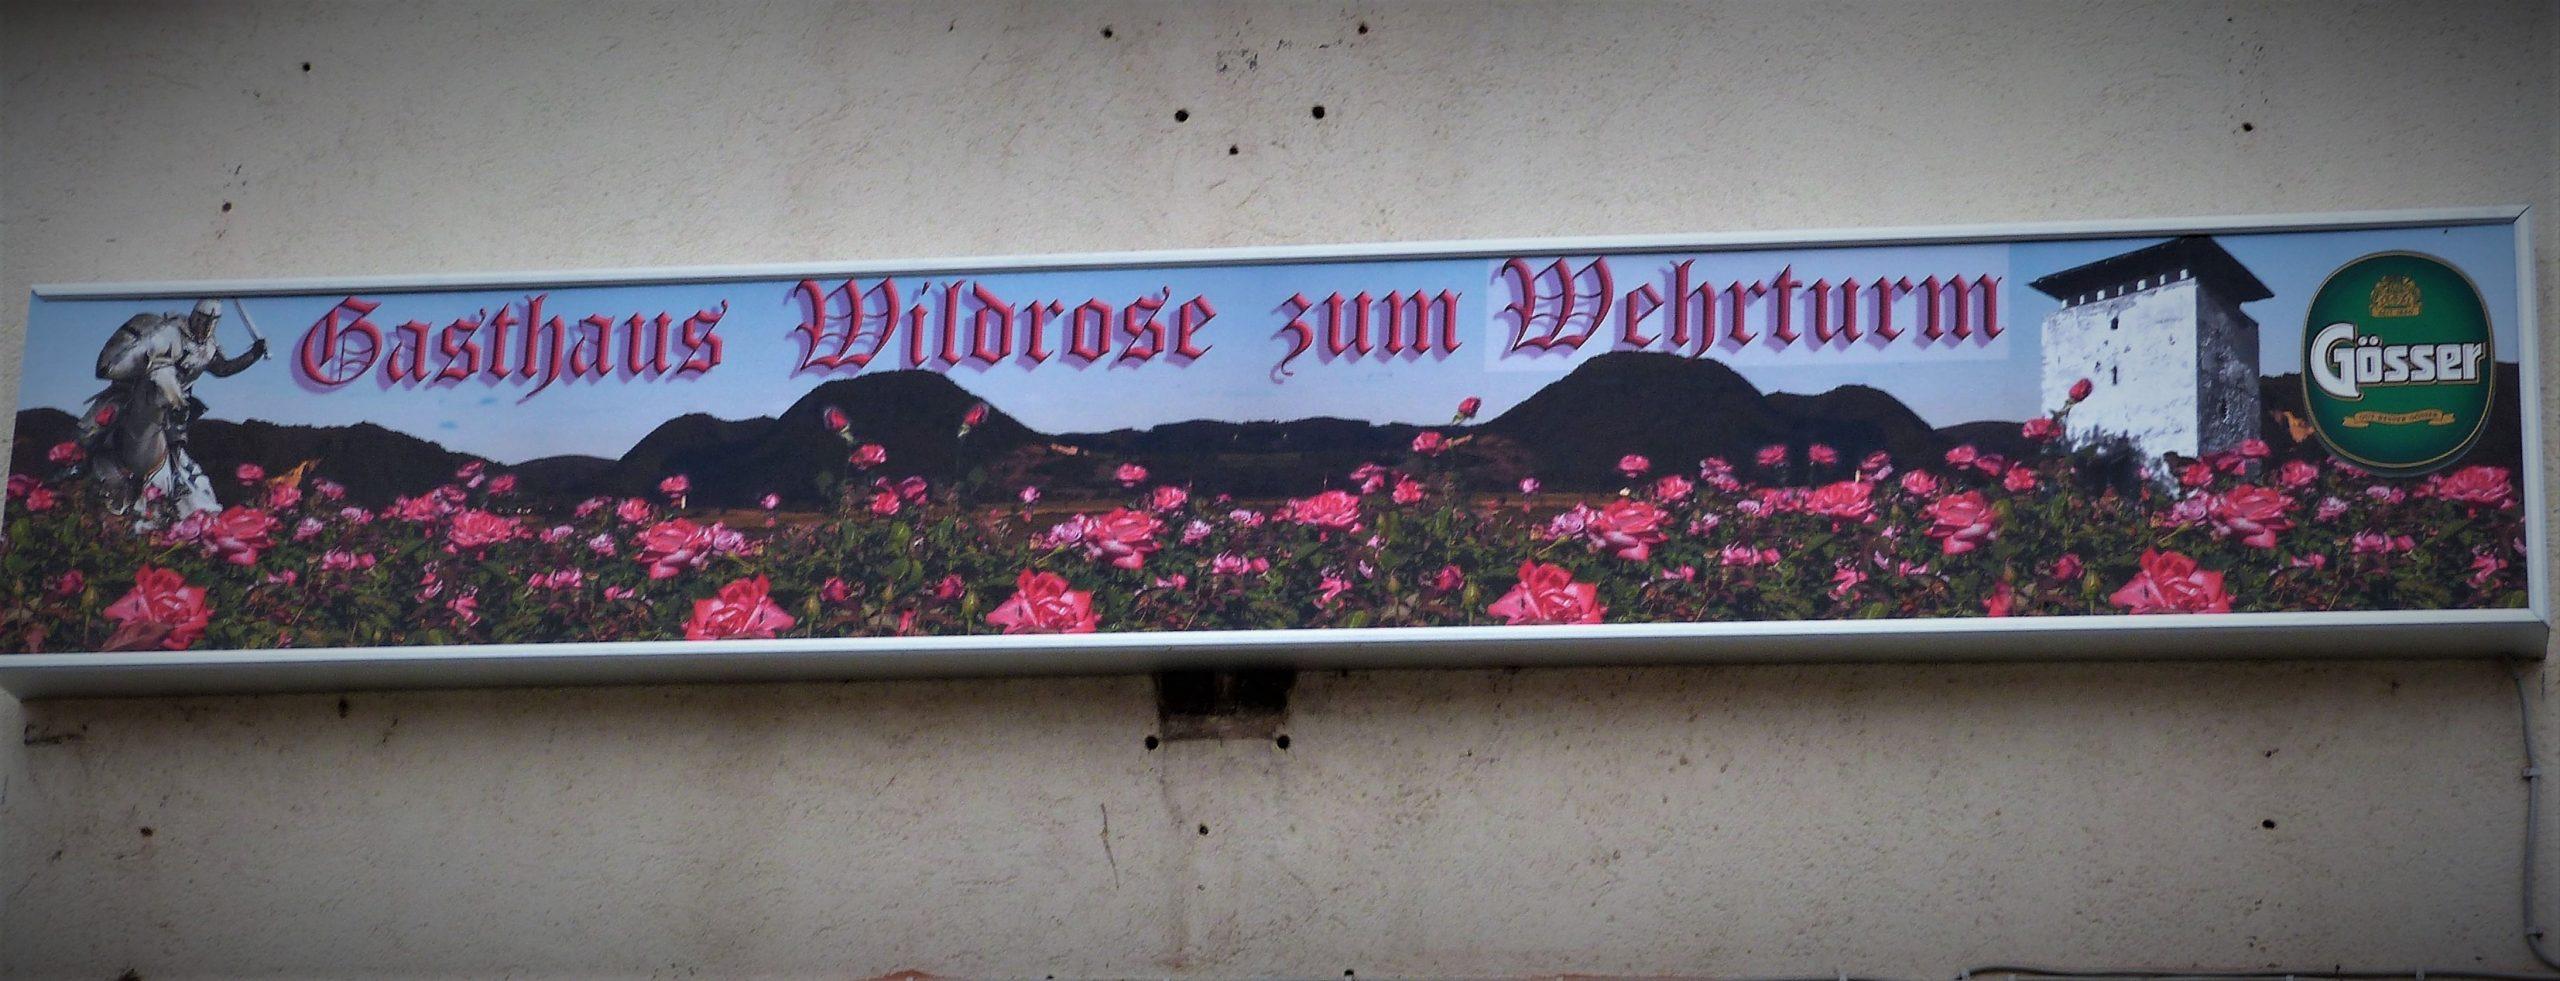 © Gasthaus Wildrose zum Wehrturm